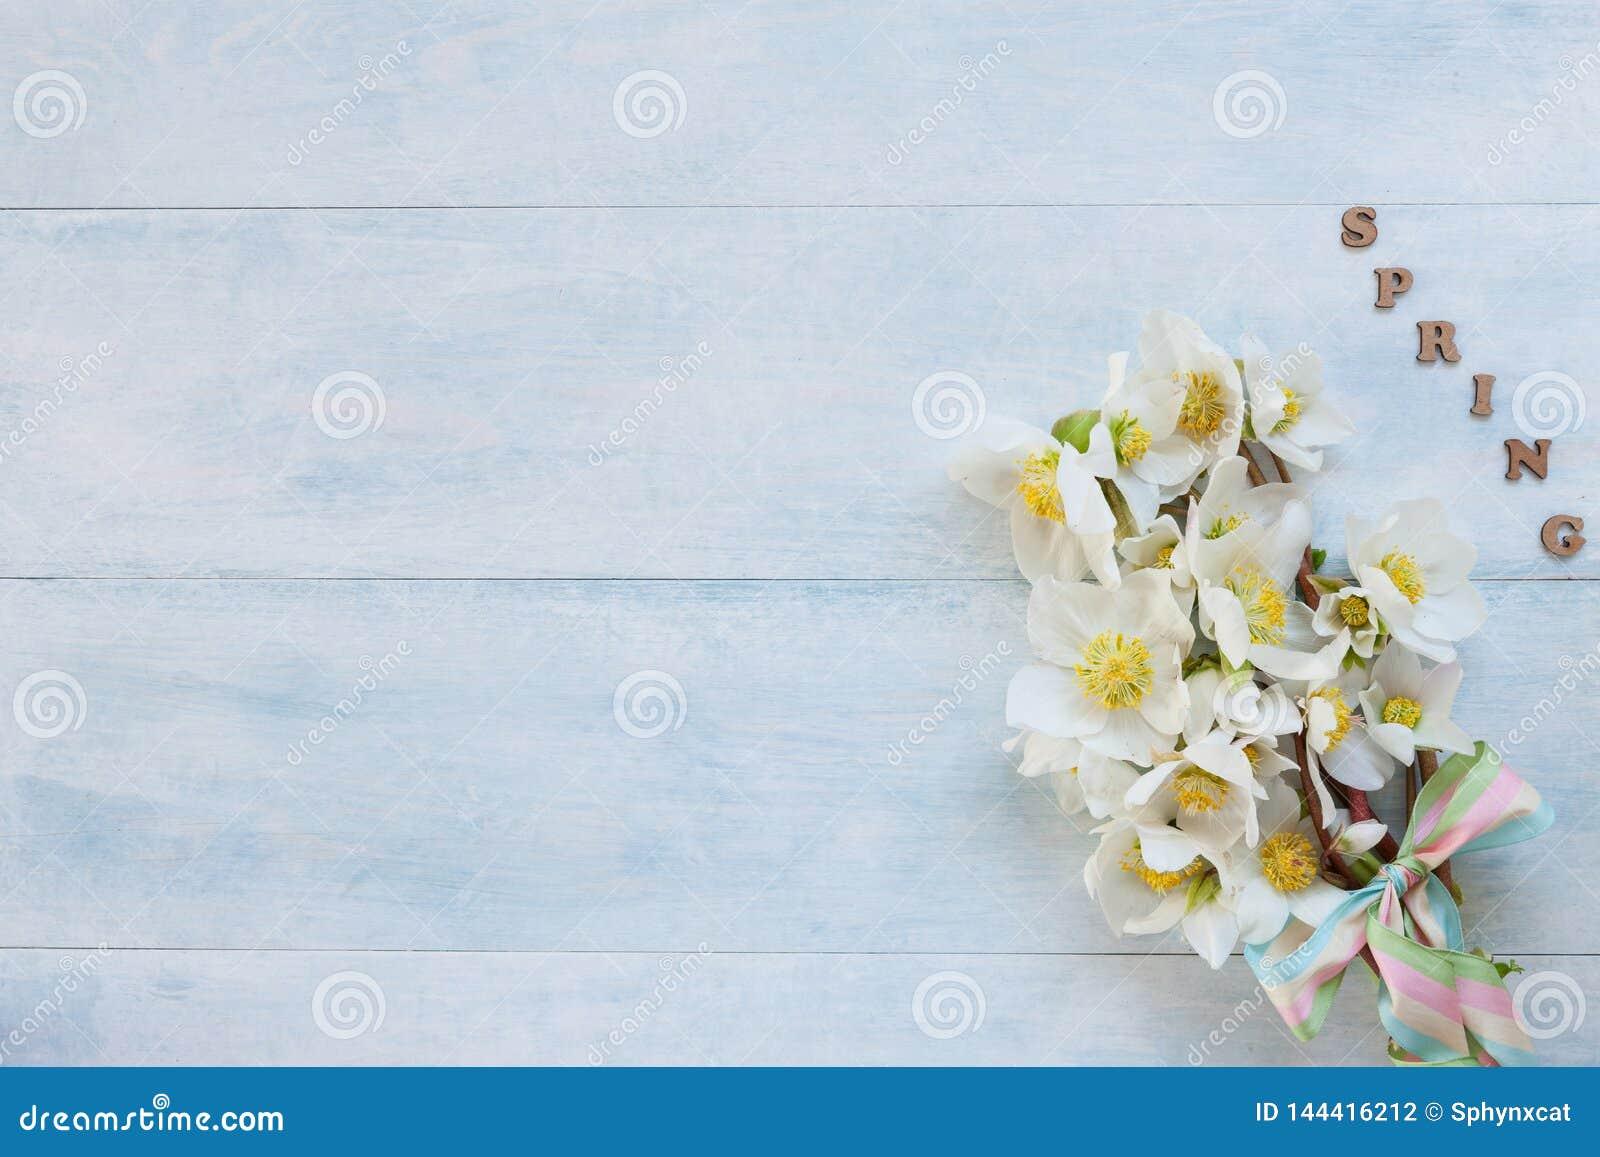 Blumenstrauß des Nahaufnahmefotos A von frischen Frühling Helleboreblumen auf hellblauem hölzernem Hintergrund